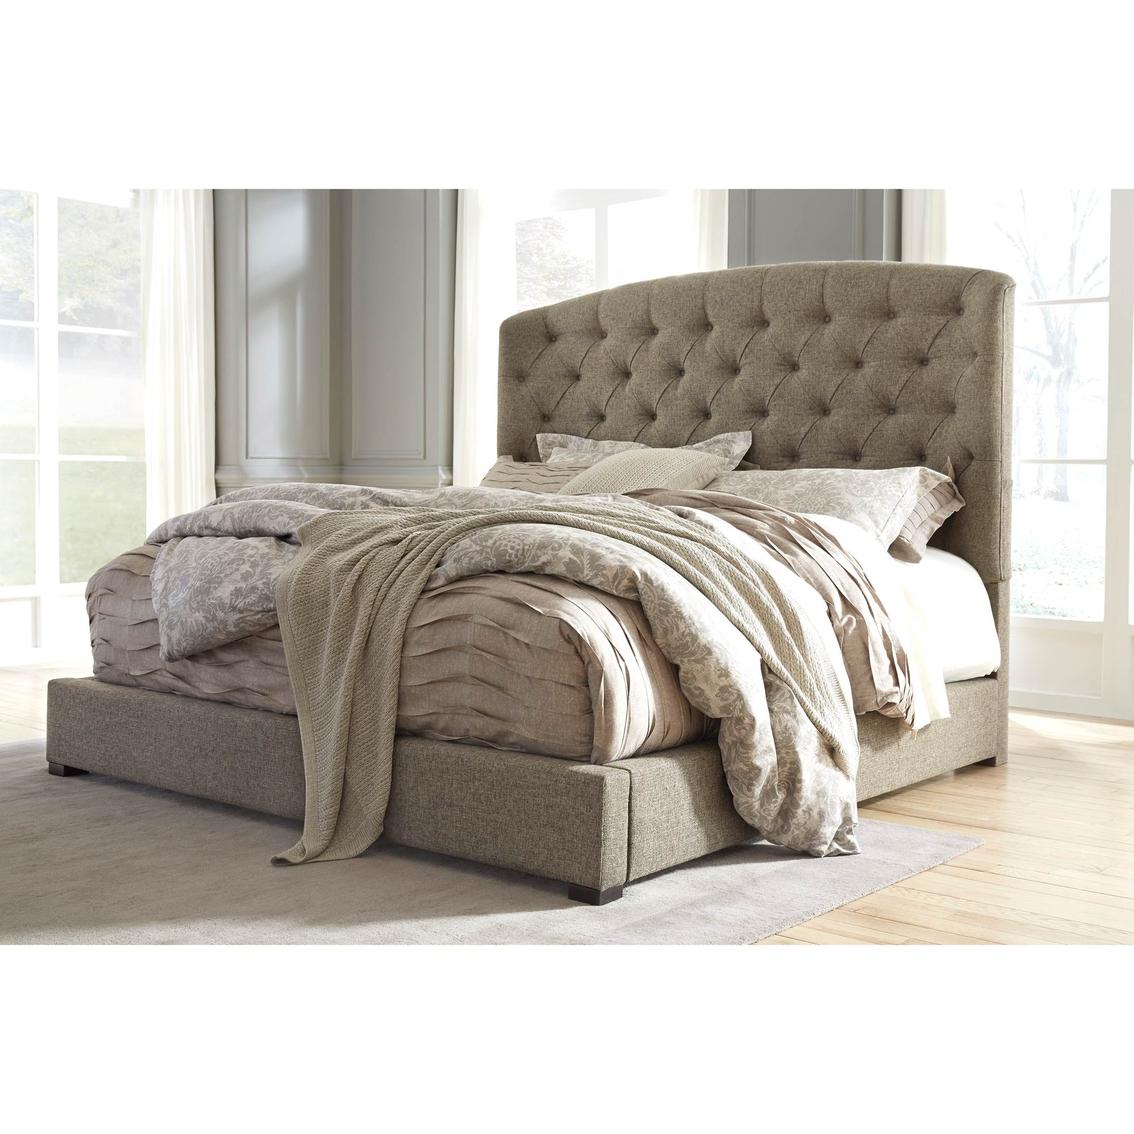 Ashley Gerlane Upholstered Bed | Beds | Home & Appliances | Shop ...